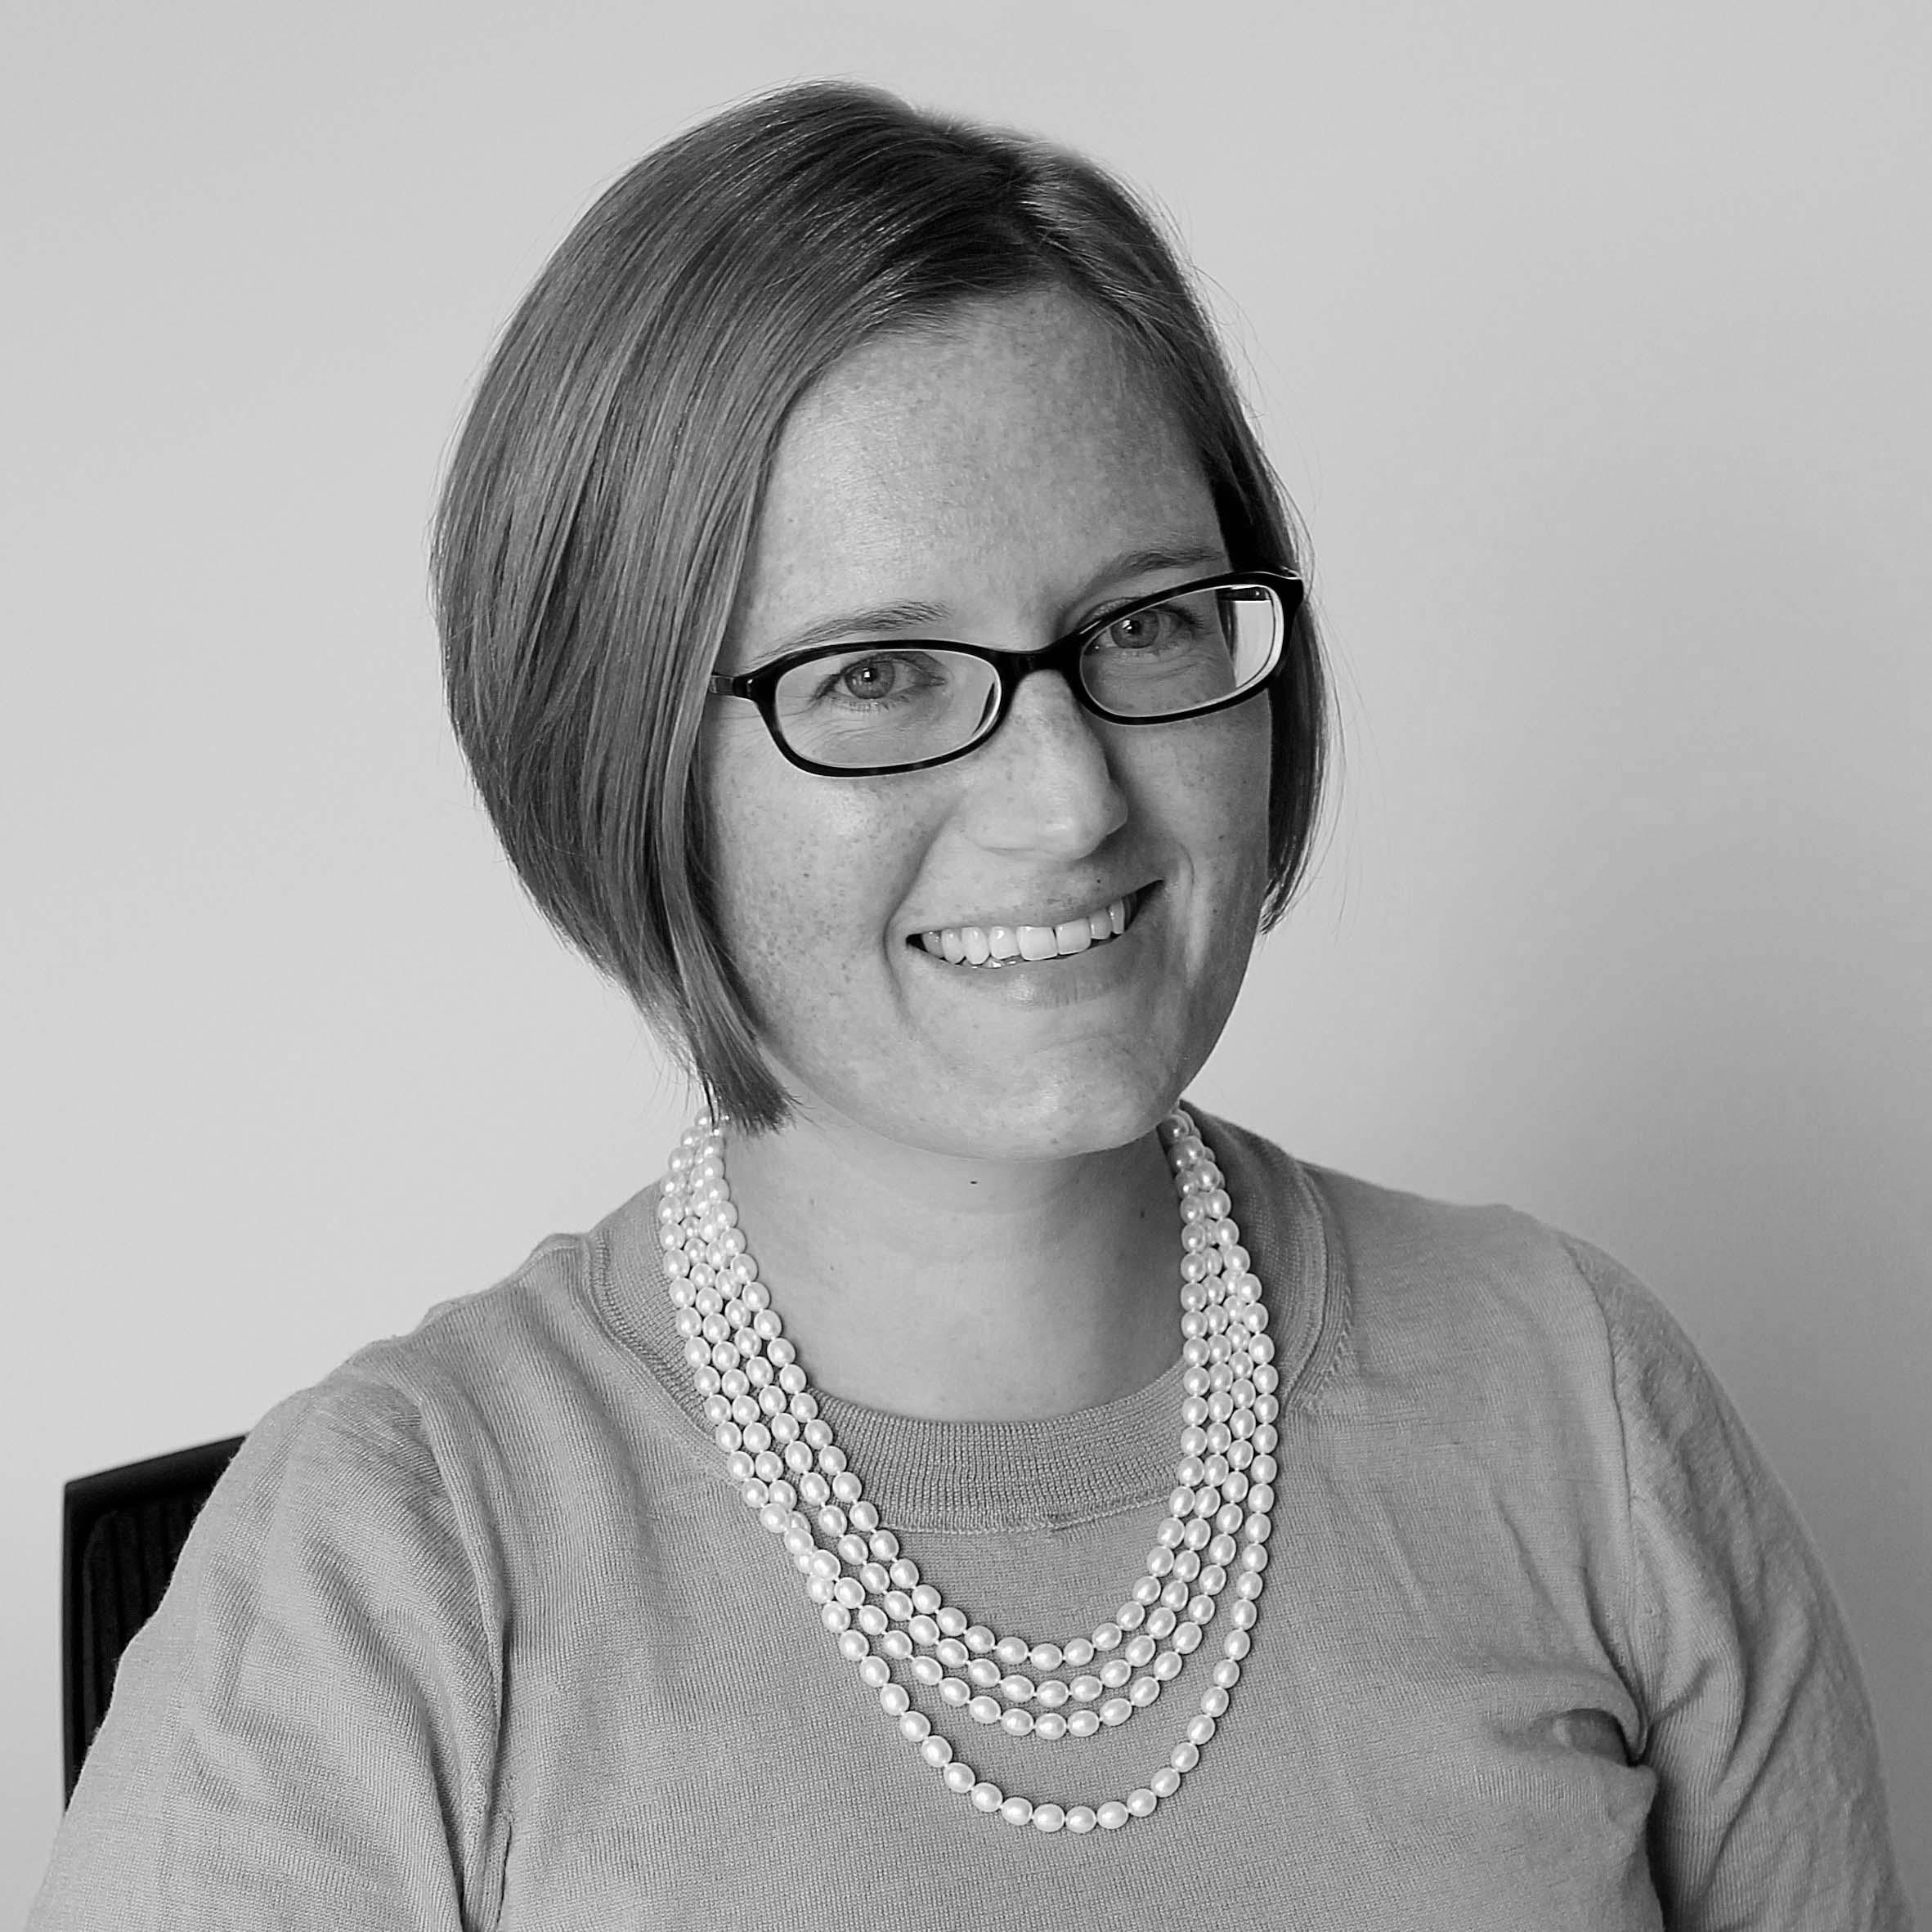 Erin E. Sullivan, PhD - Strategic Advisor